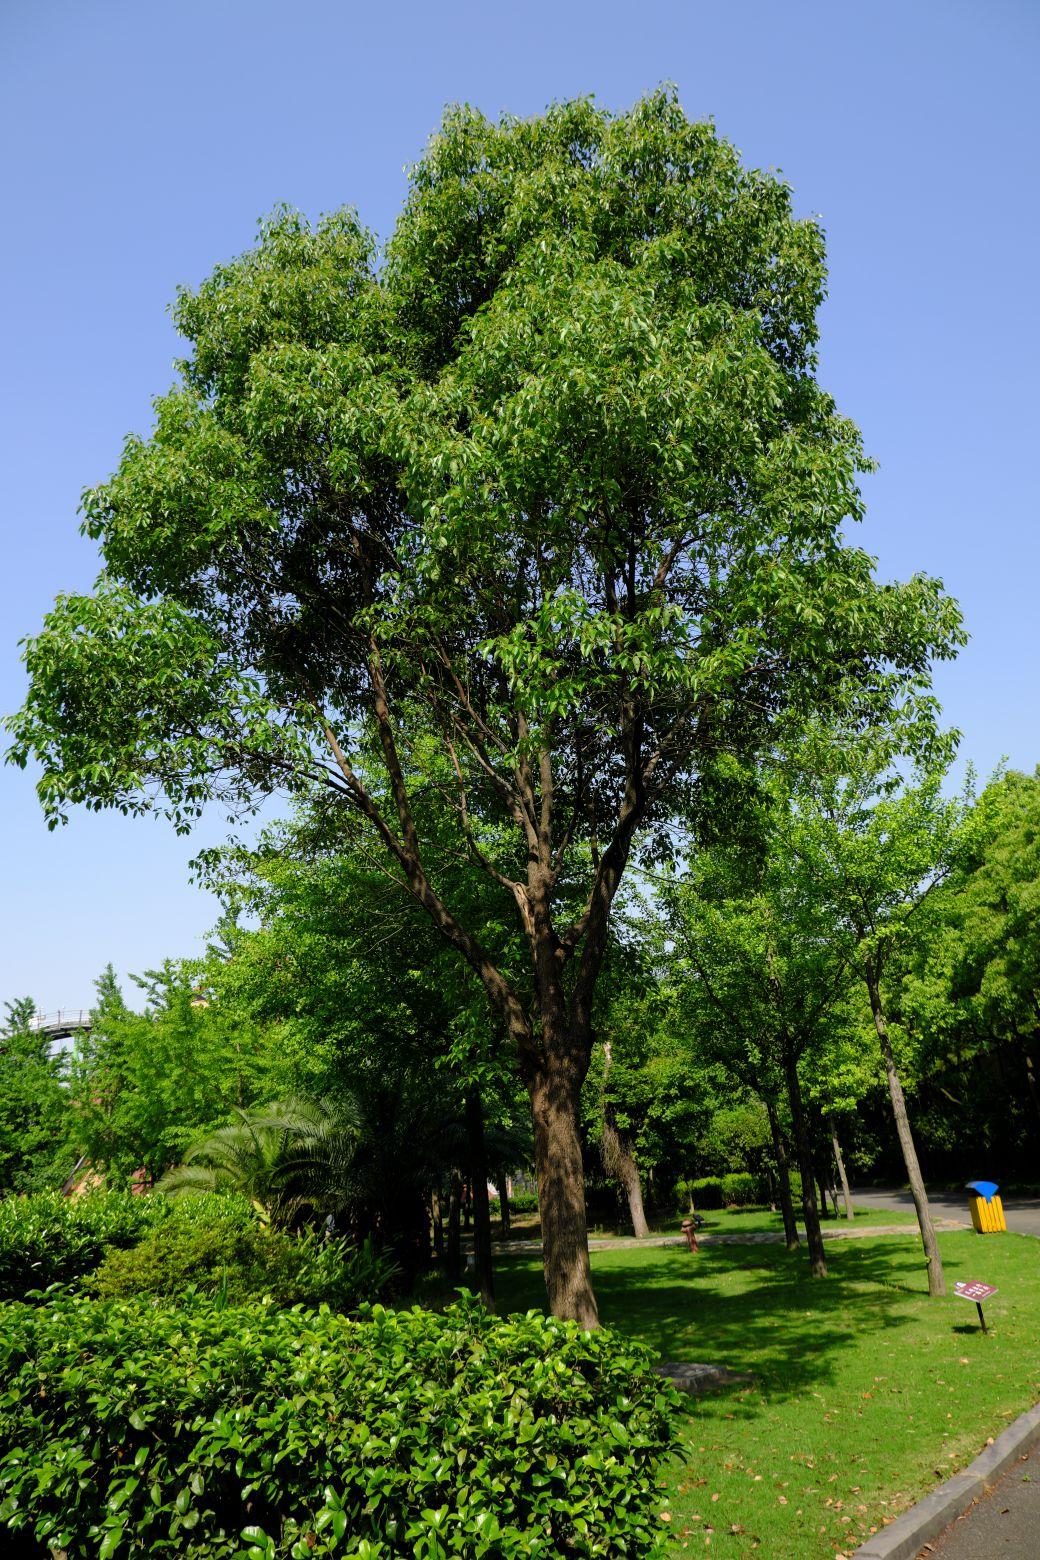 大樟树高清图片下载 - 免费商用